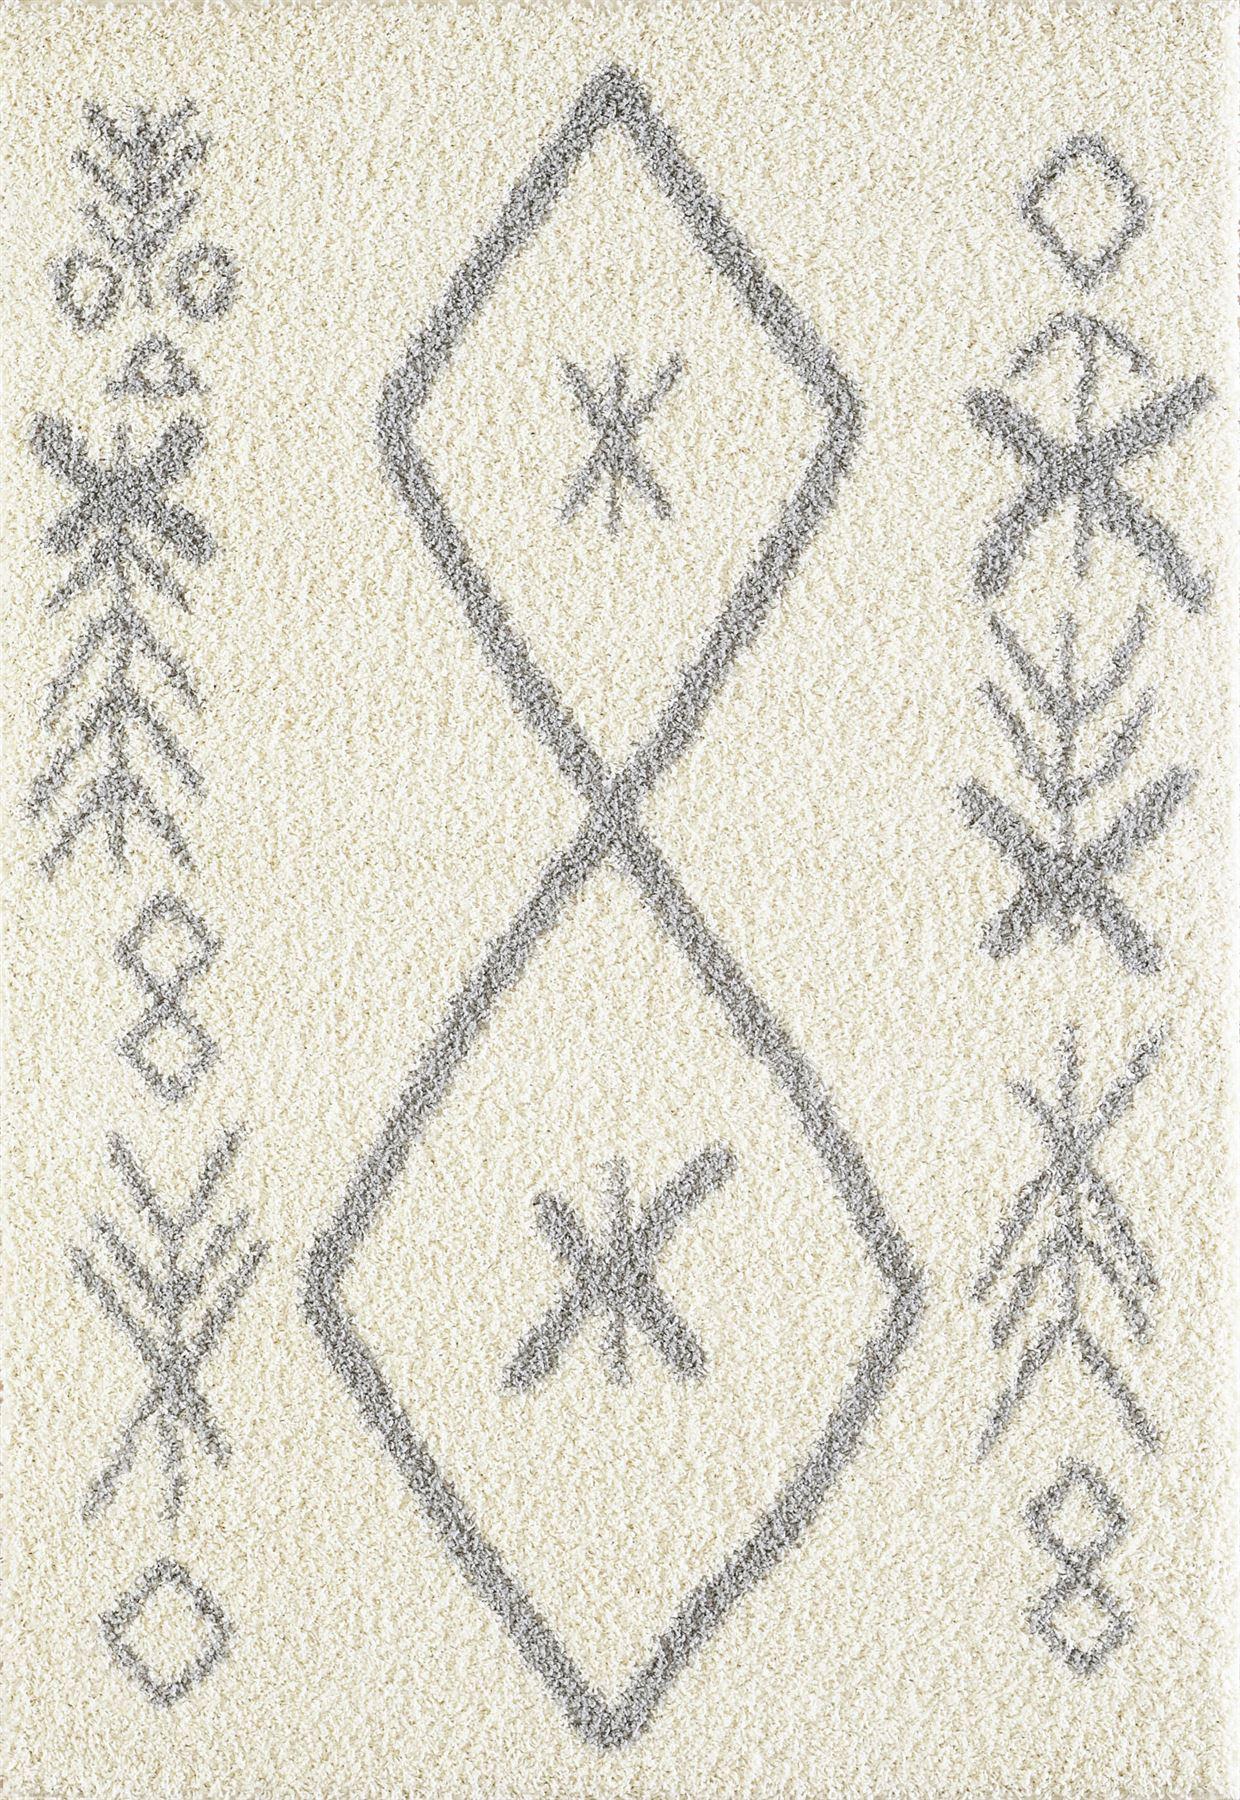 Tappeto-A2Z-Nero-Grigio-Avorio-tradizionale-marocchina-Shaggy-Berber-Boho-Tribal-3cm-Pile miniatura 45